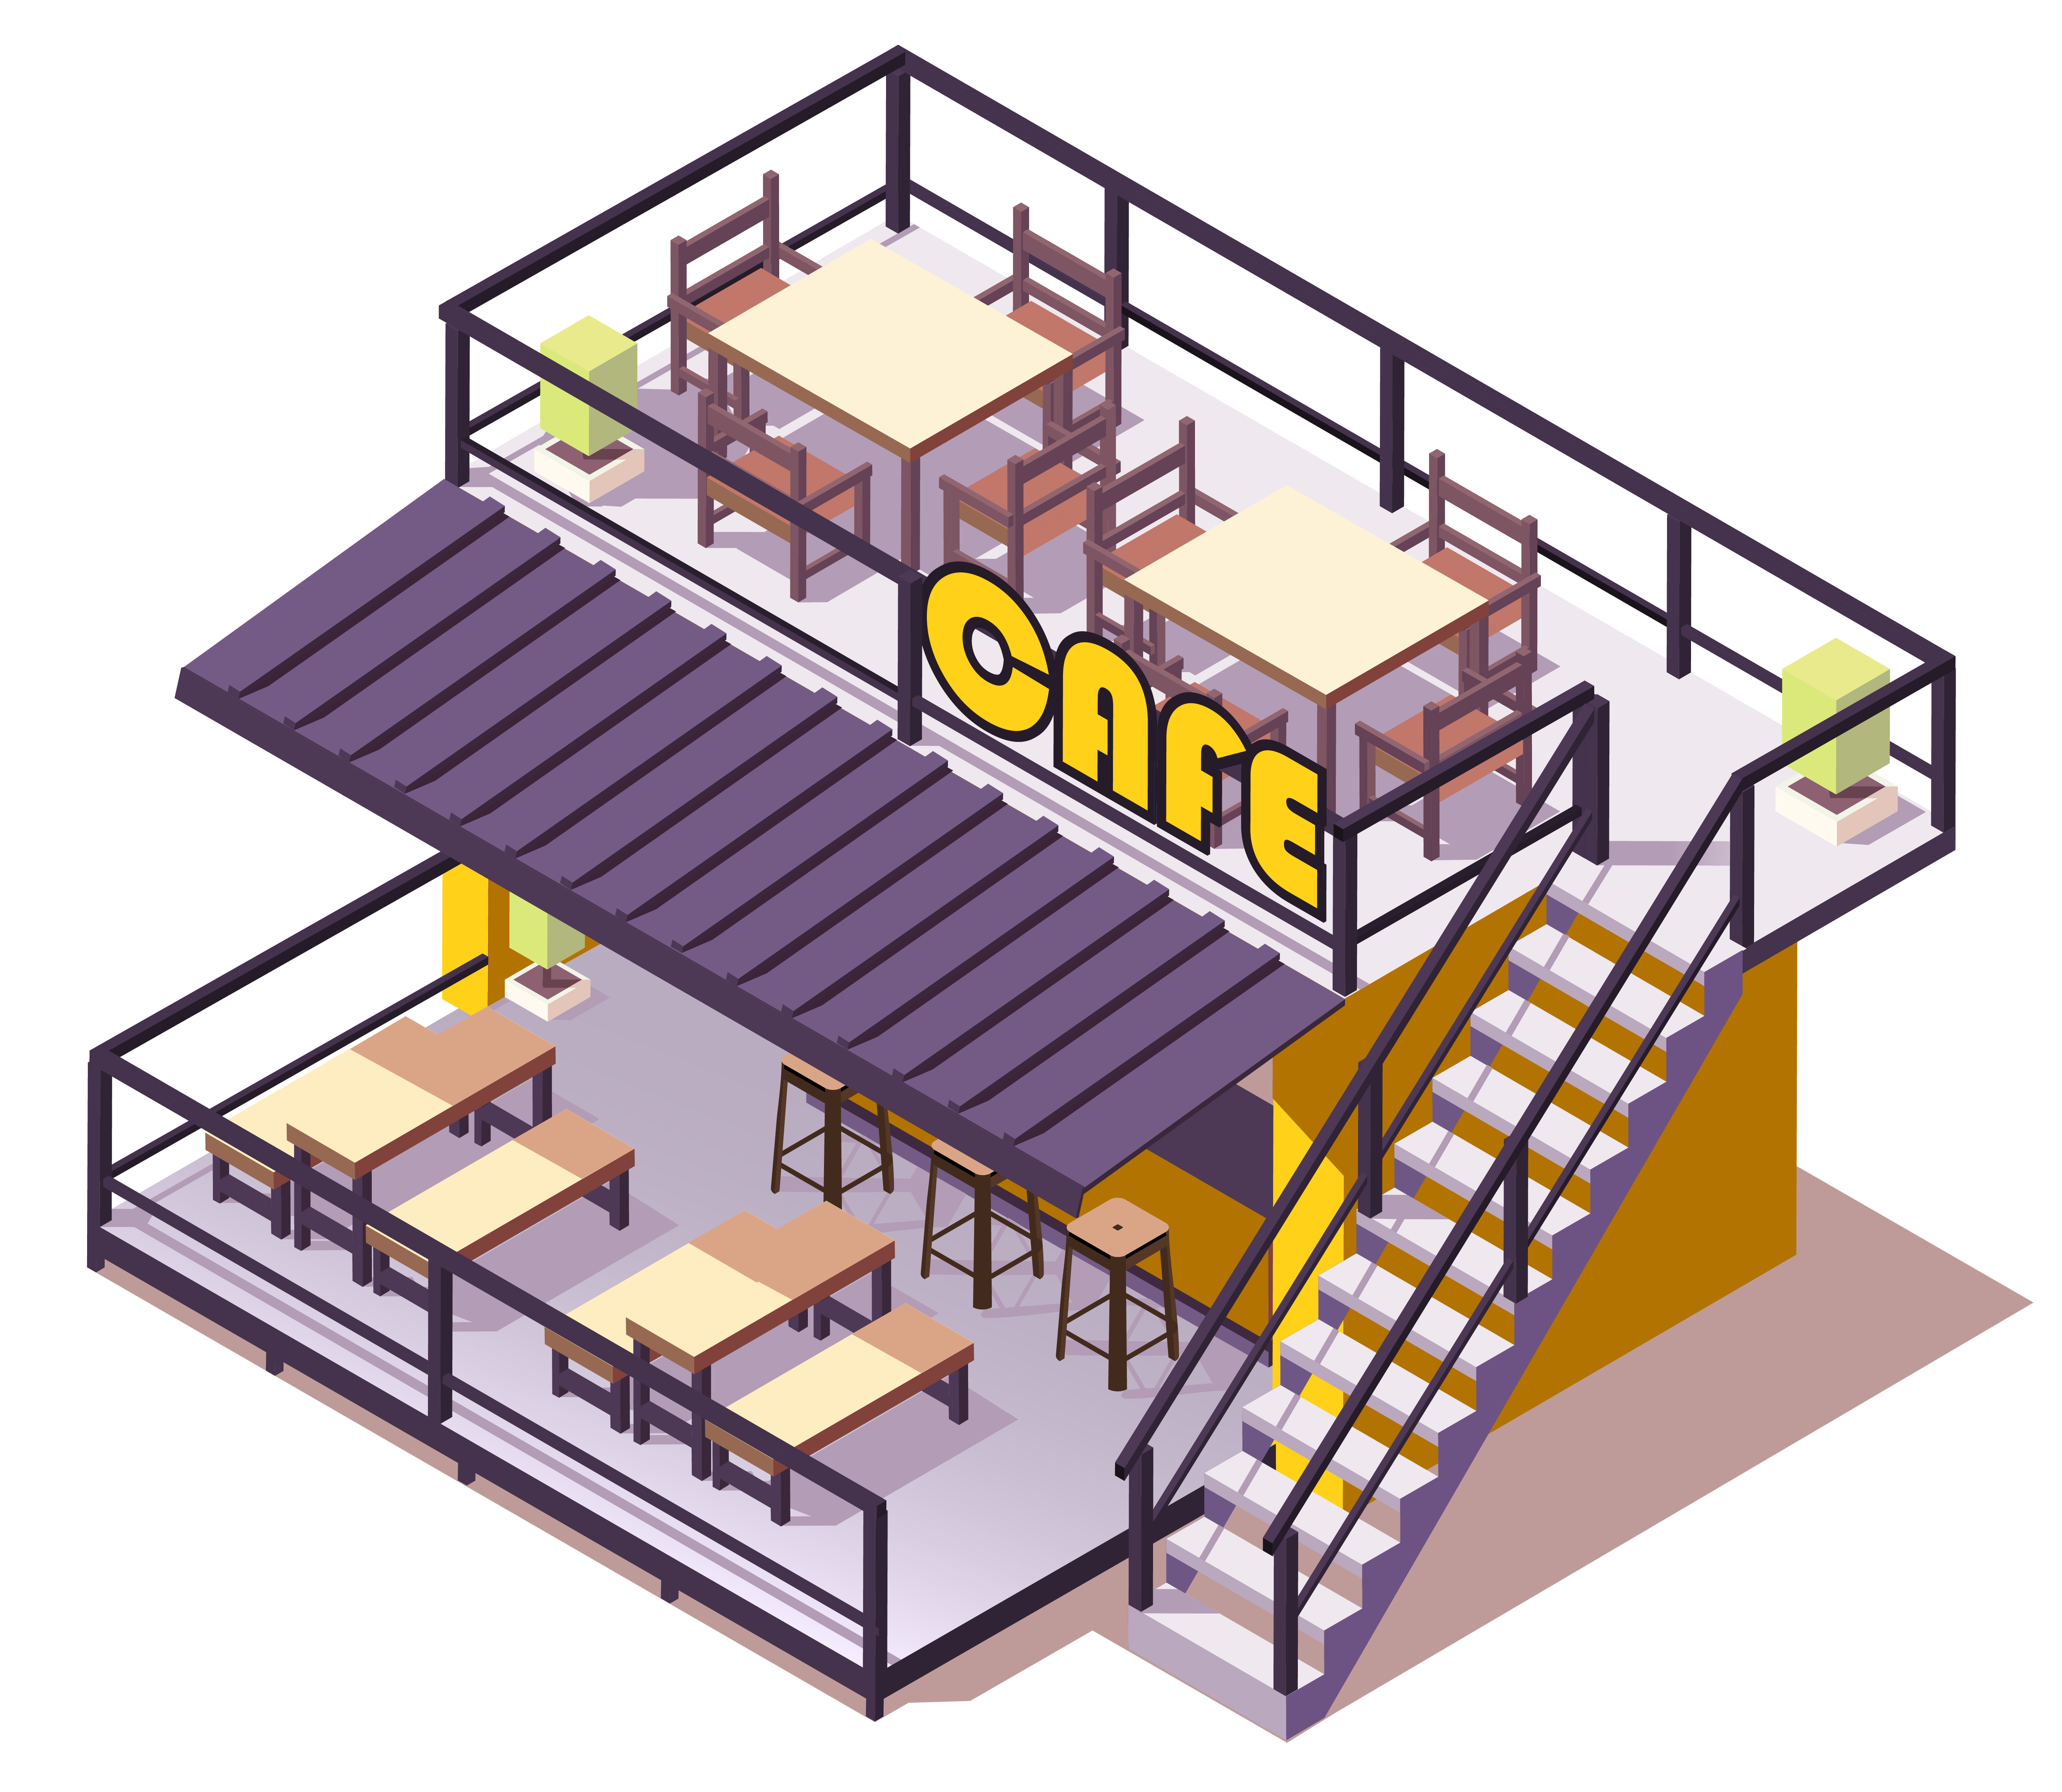 Cafe Contenedor Isometrico Descargar Vectores Gratis Illustrator Graficos Plantillas Diseno